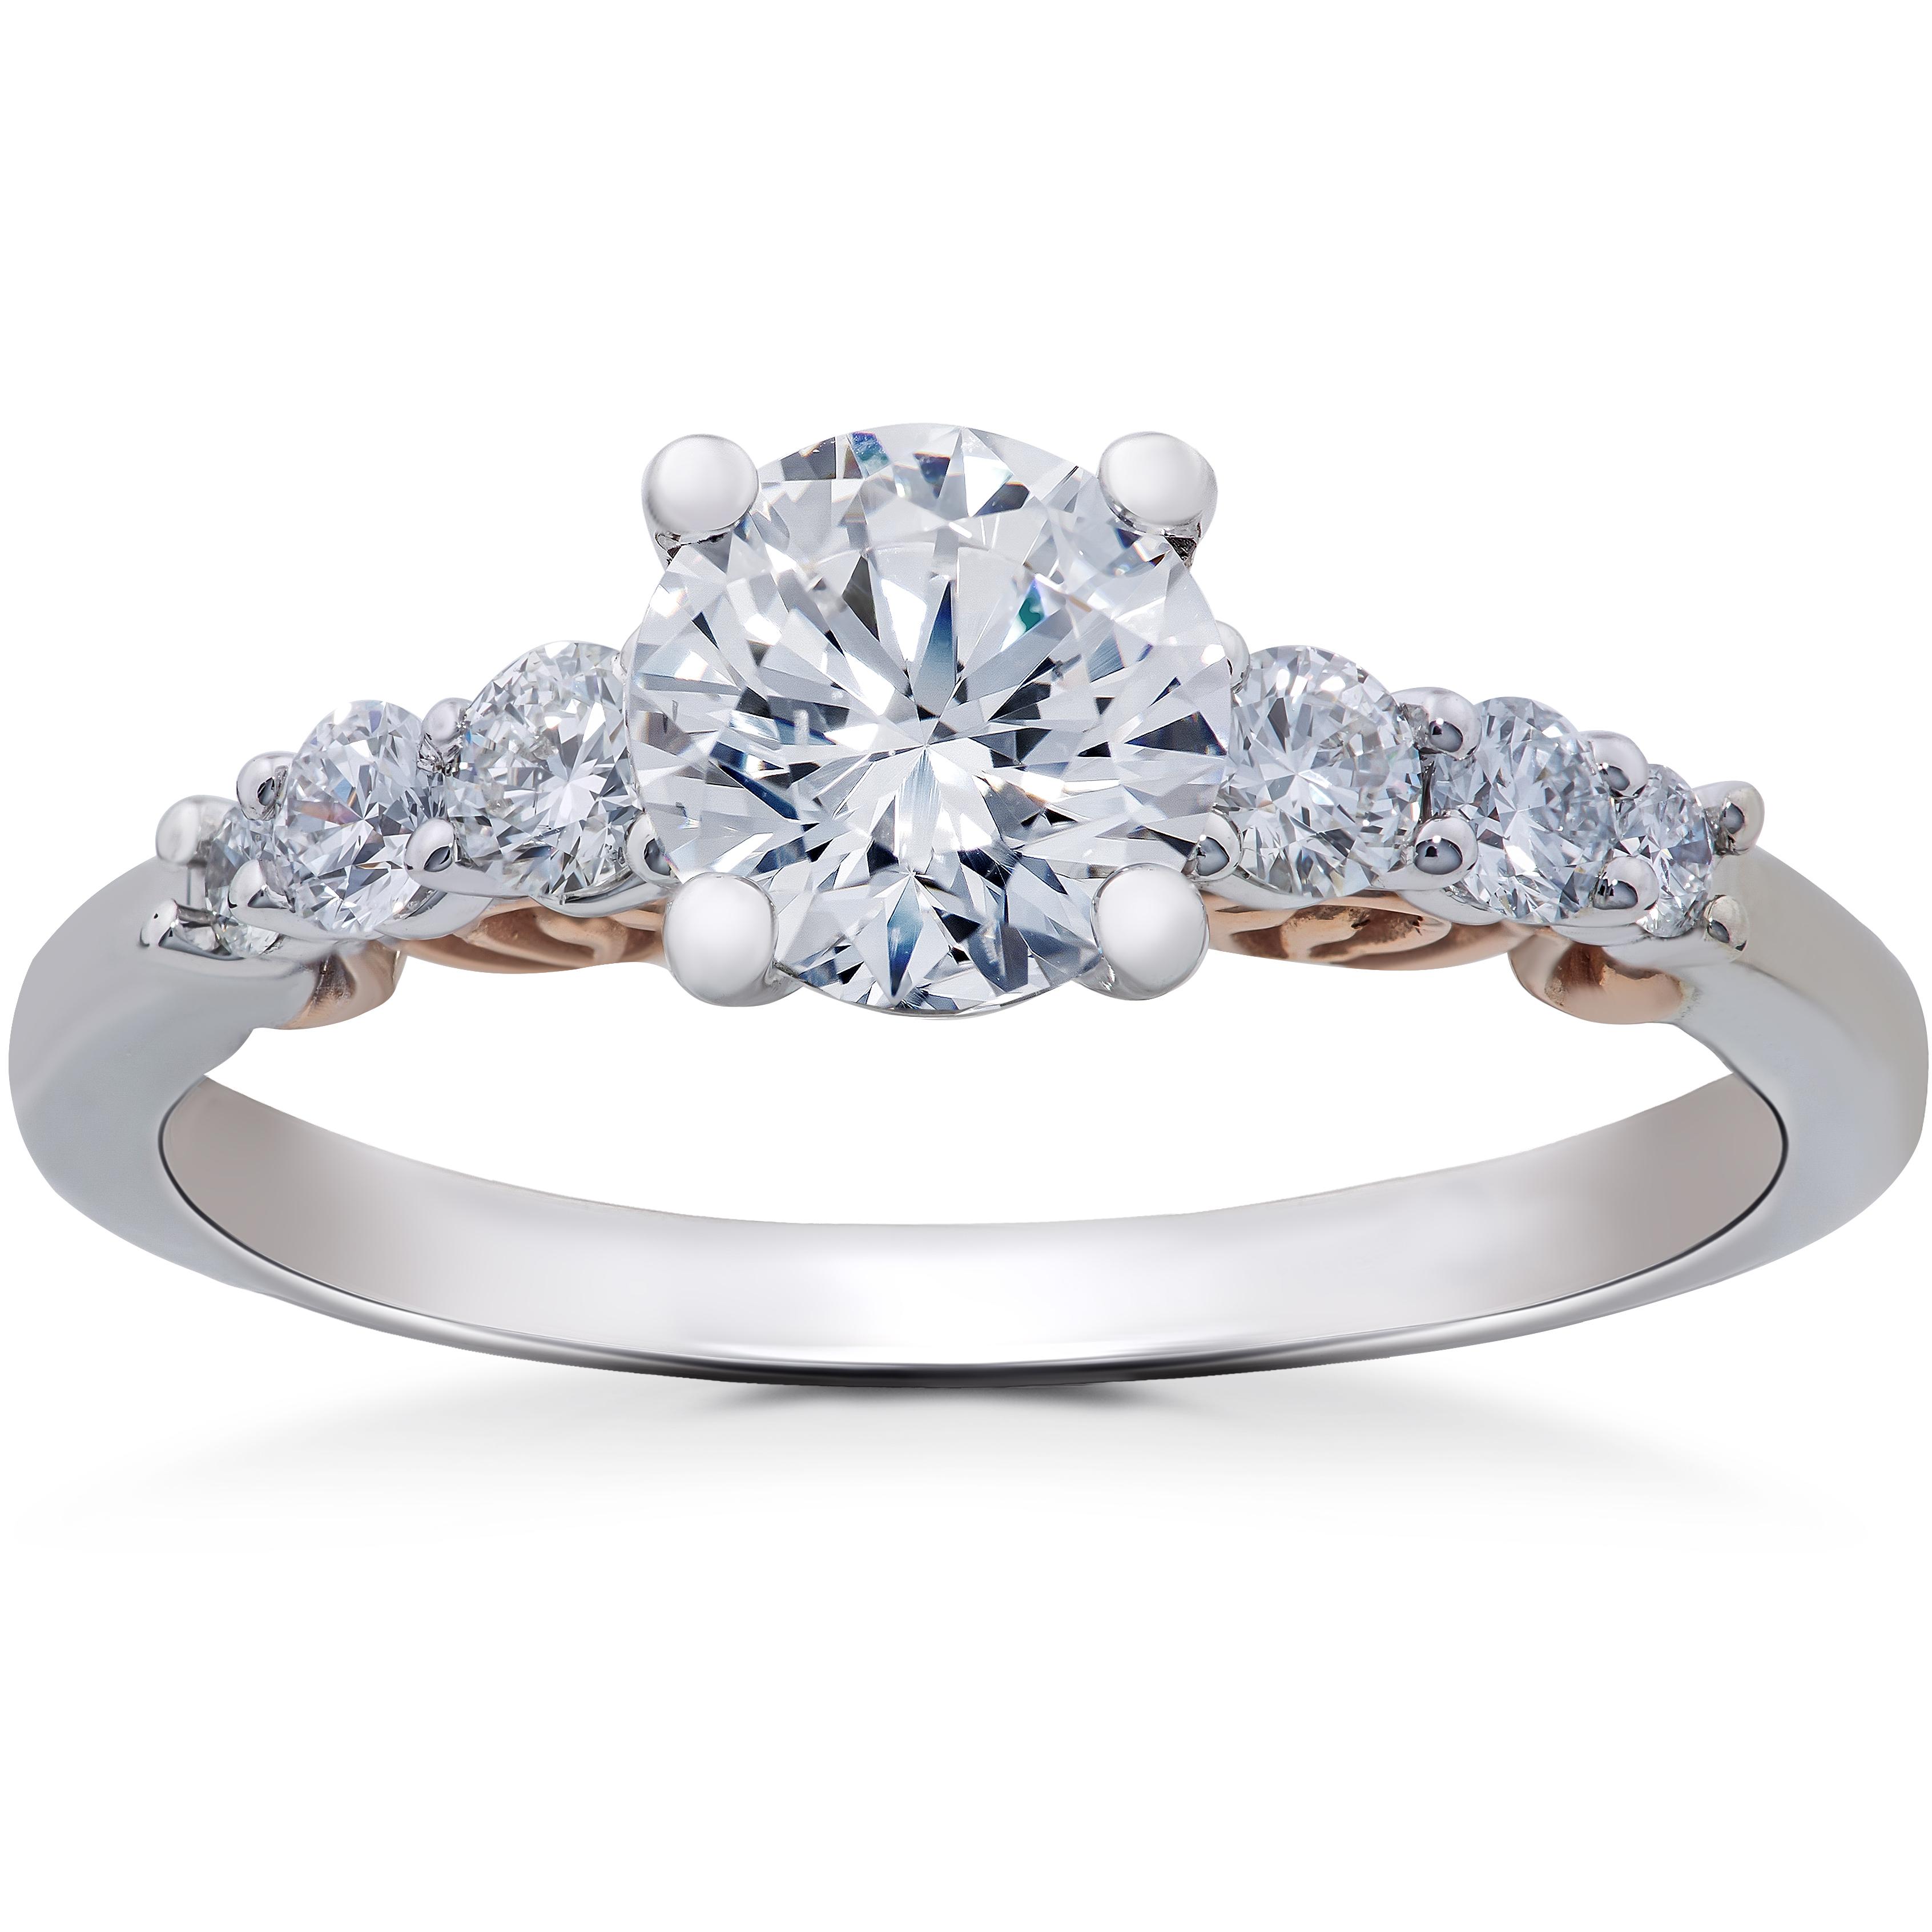 8f2389b0cab69 1 1/4 ct Diamond Lab Grown Vintage Engagement Ring 14K White & Rose ...